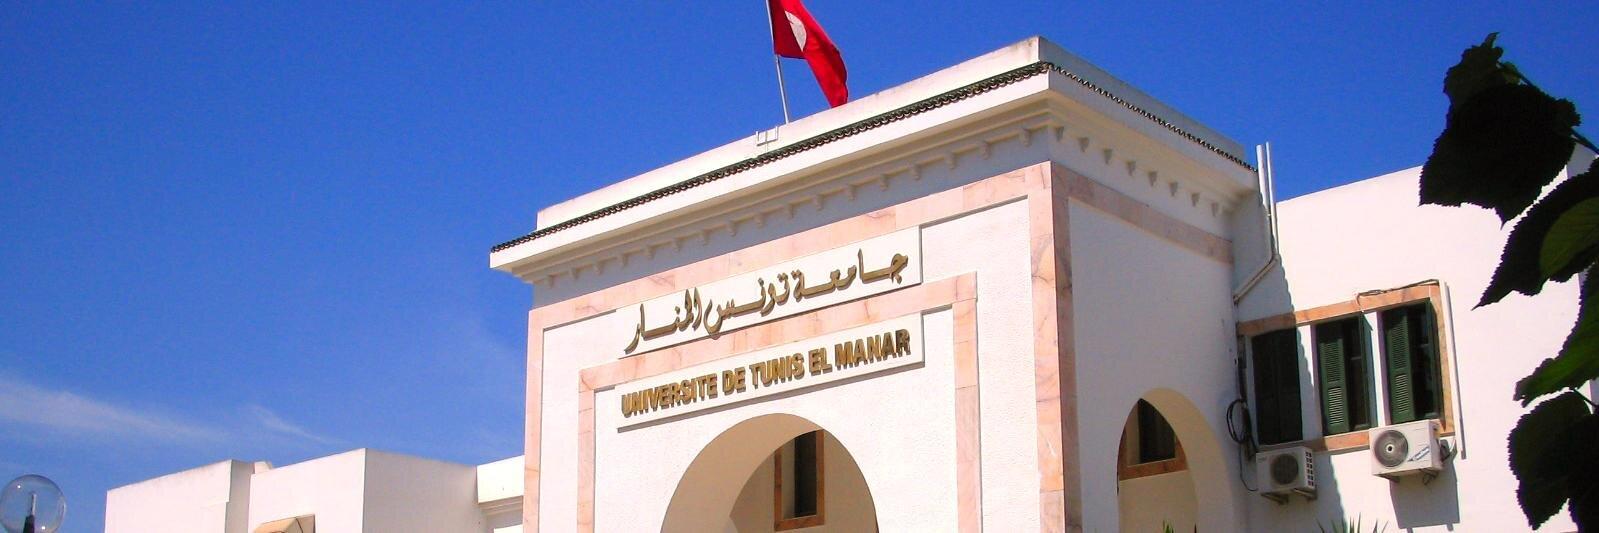 Université de Tunis El Manar's official Twitter account